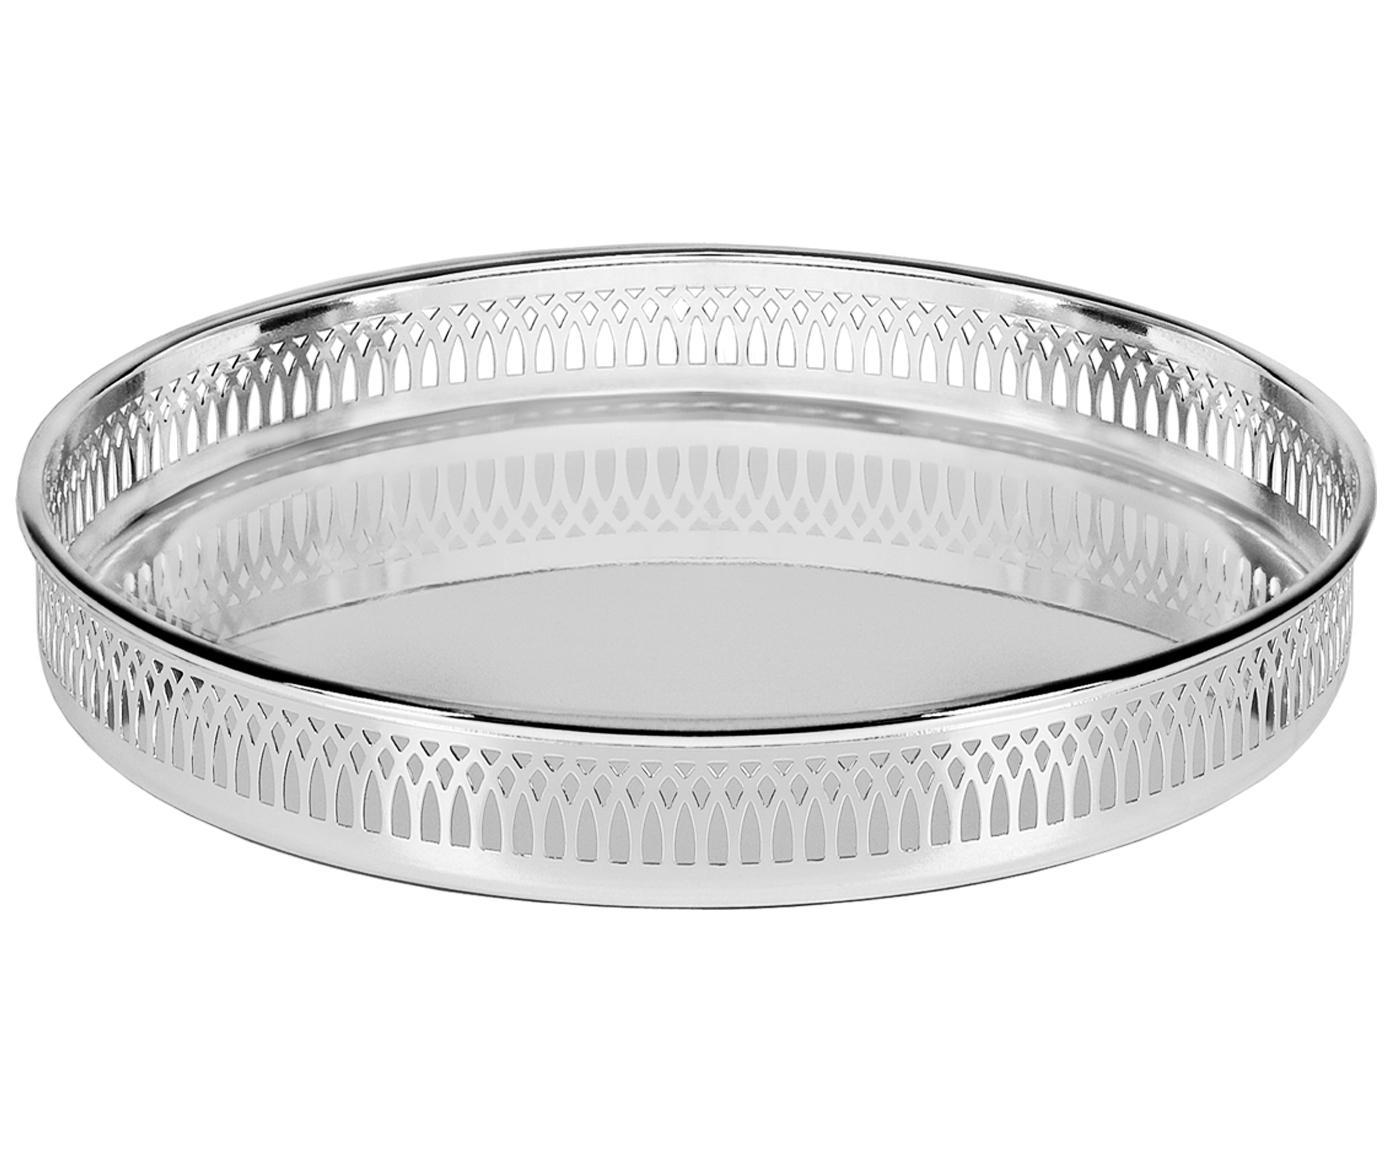 Bolvormige spiegelbakje Delphi, verzilverd, Verzilverd staal, Zilverkleurig, Ø 30 cm